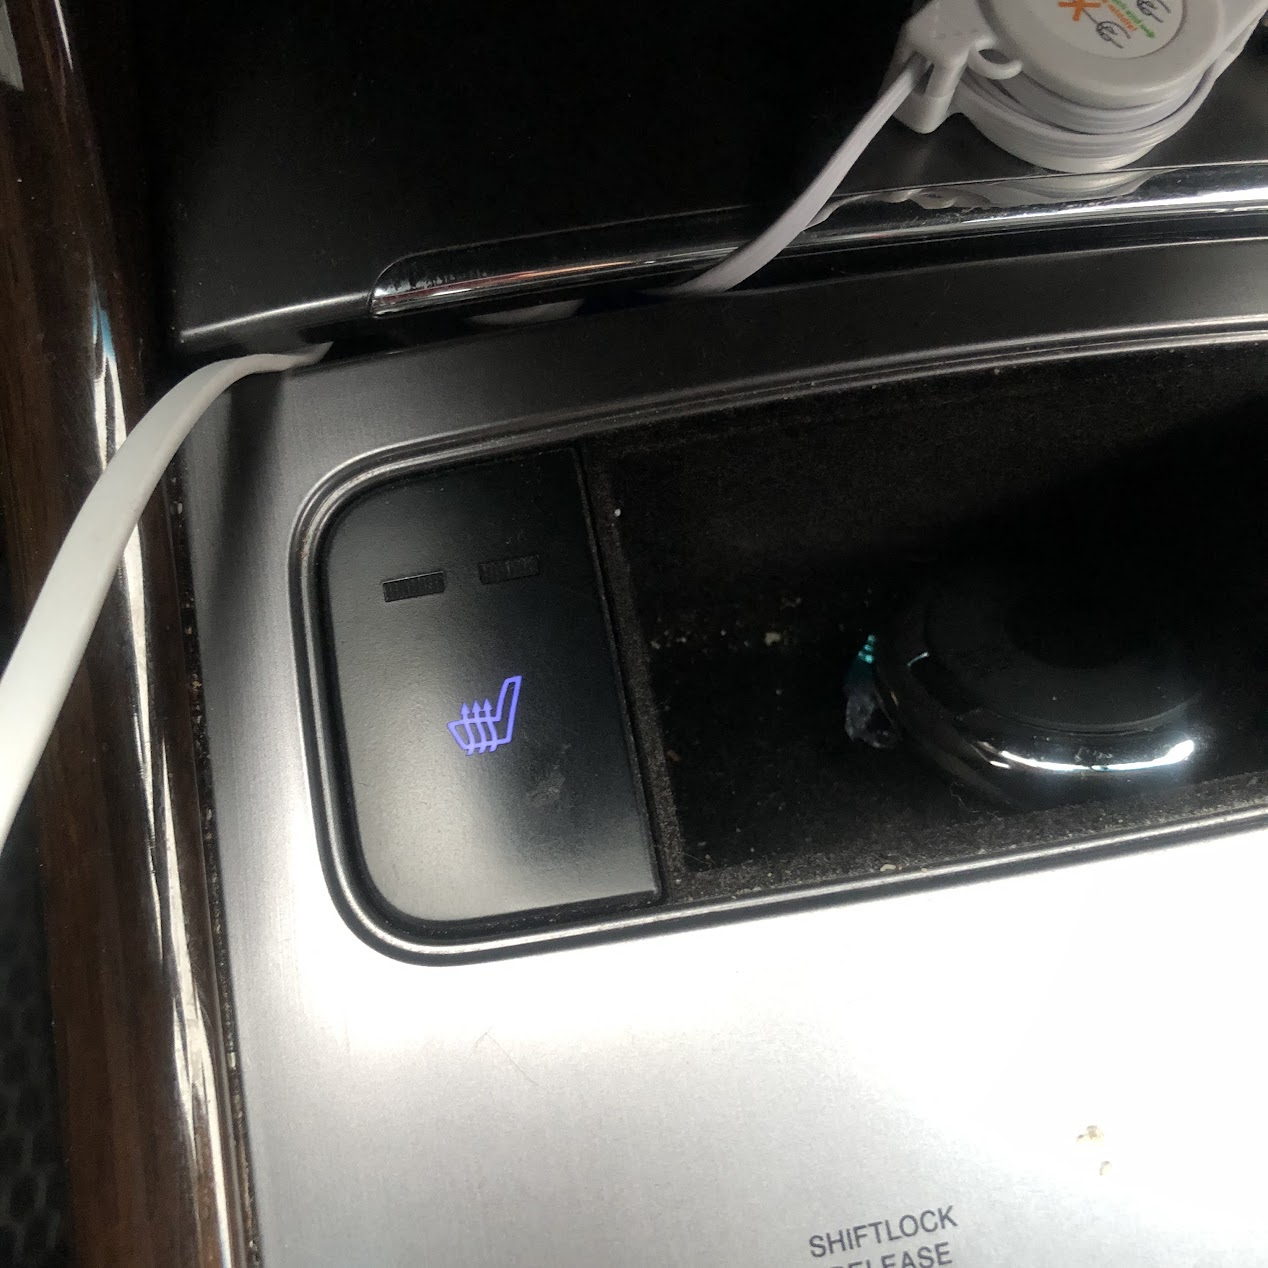 자동차 열선시트의 온도조절 버튼 메뉴디자인